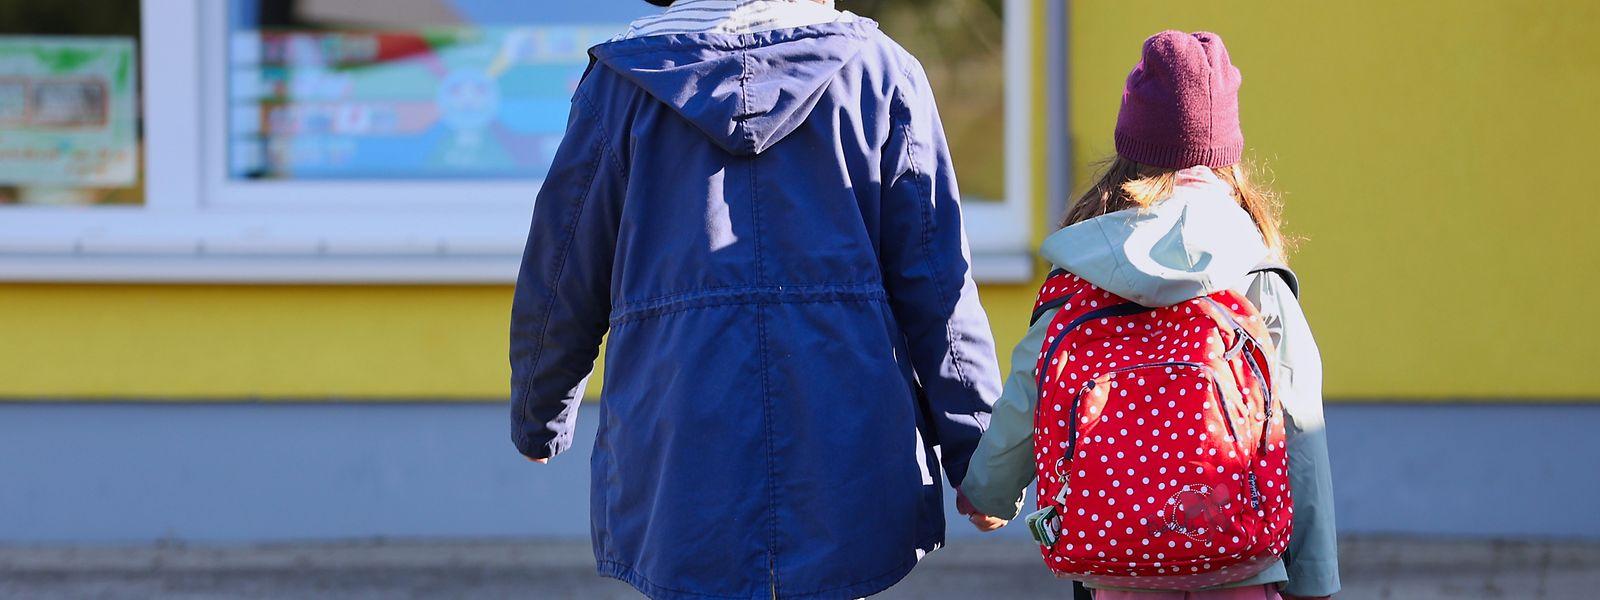 Schulen und Kindergärten sollen in Deutschland geöffnet bleiben.